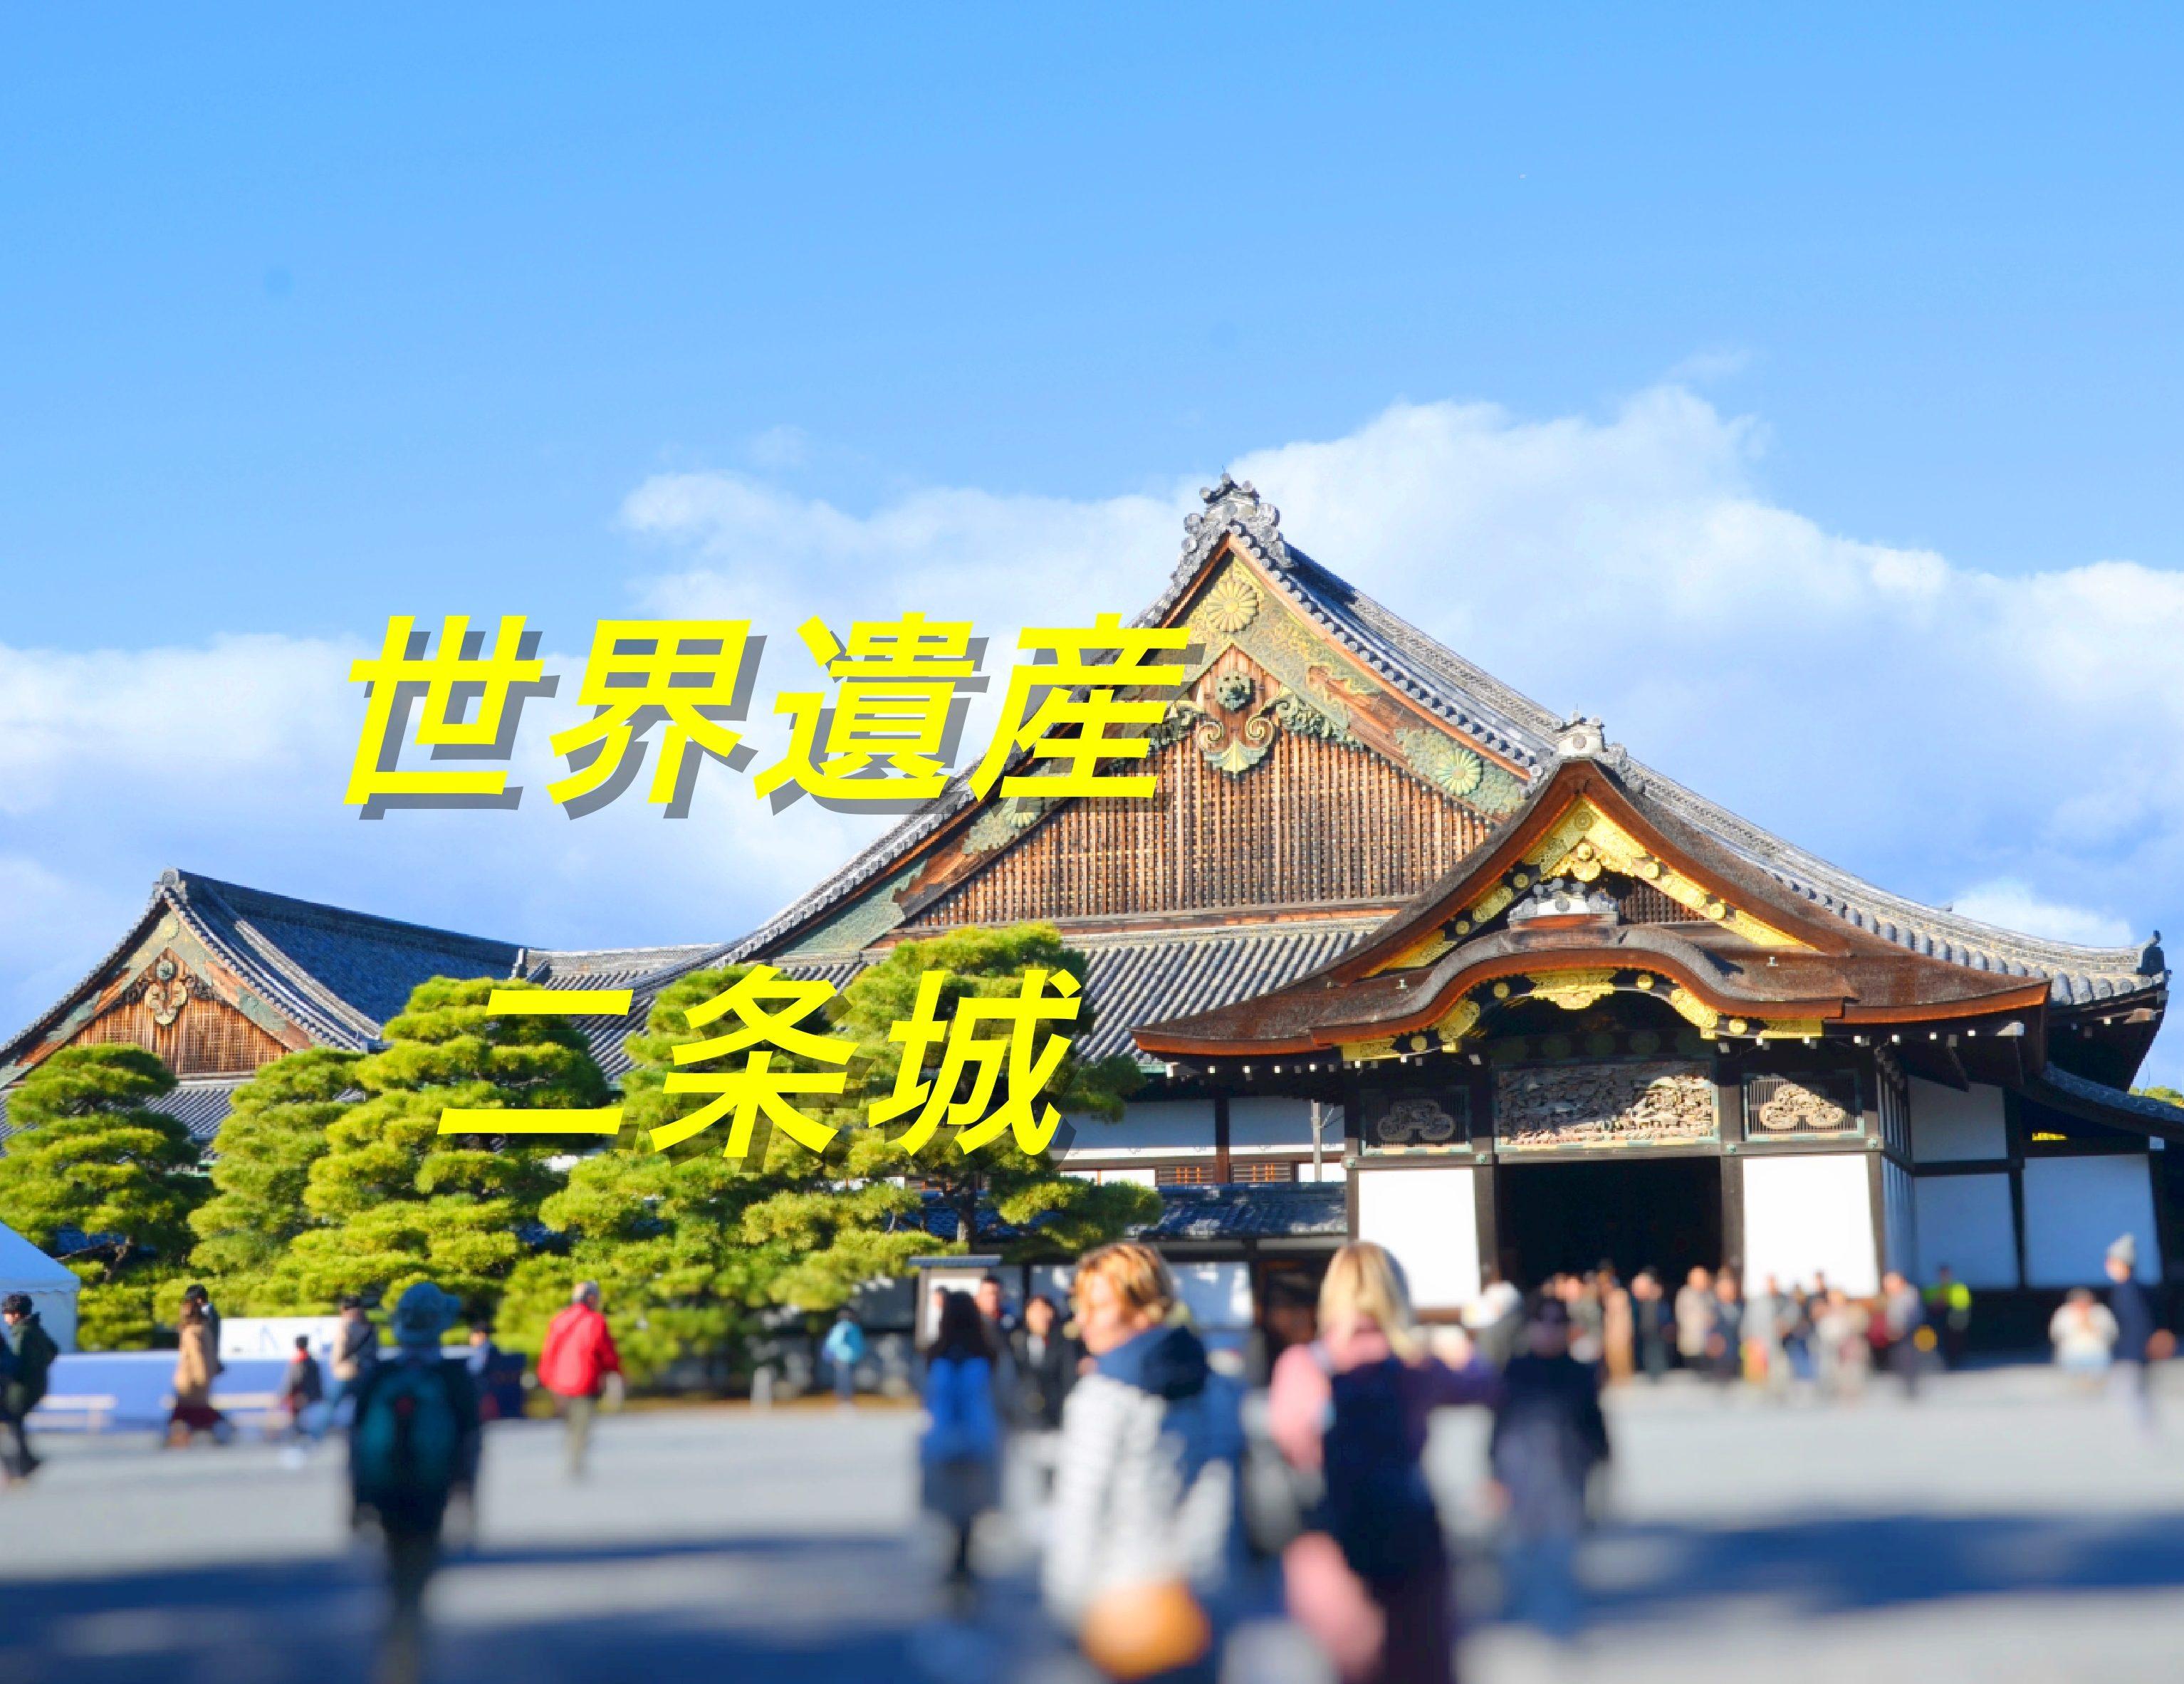 大政奉還の間も見れる!世界遺産、二条城で日本の歴史を知る